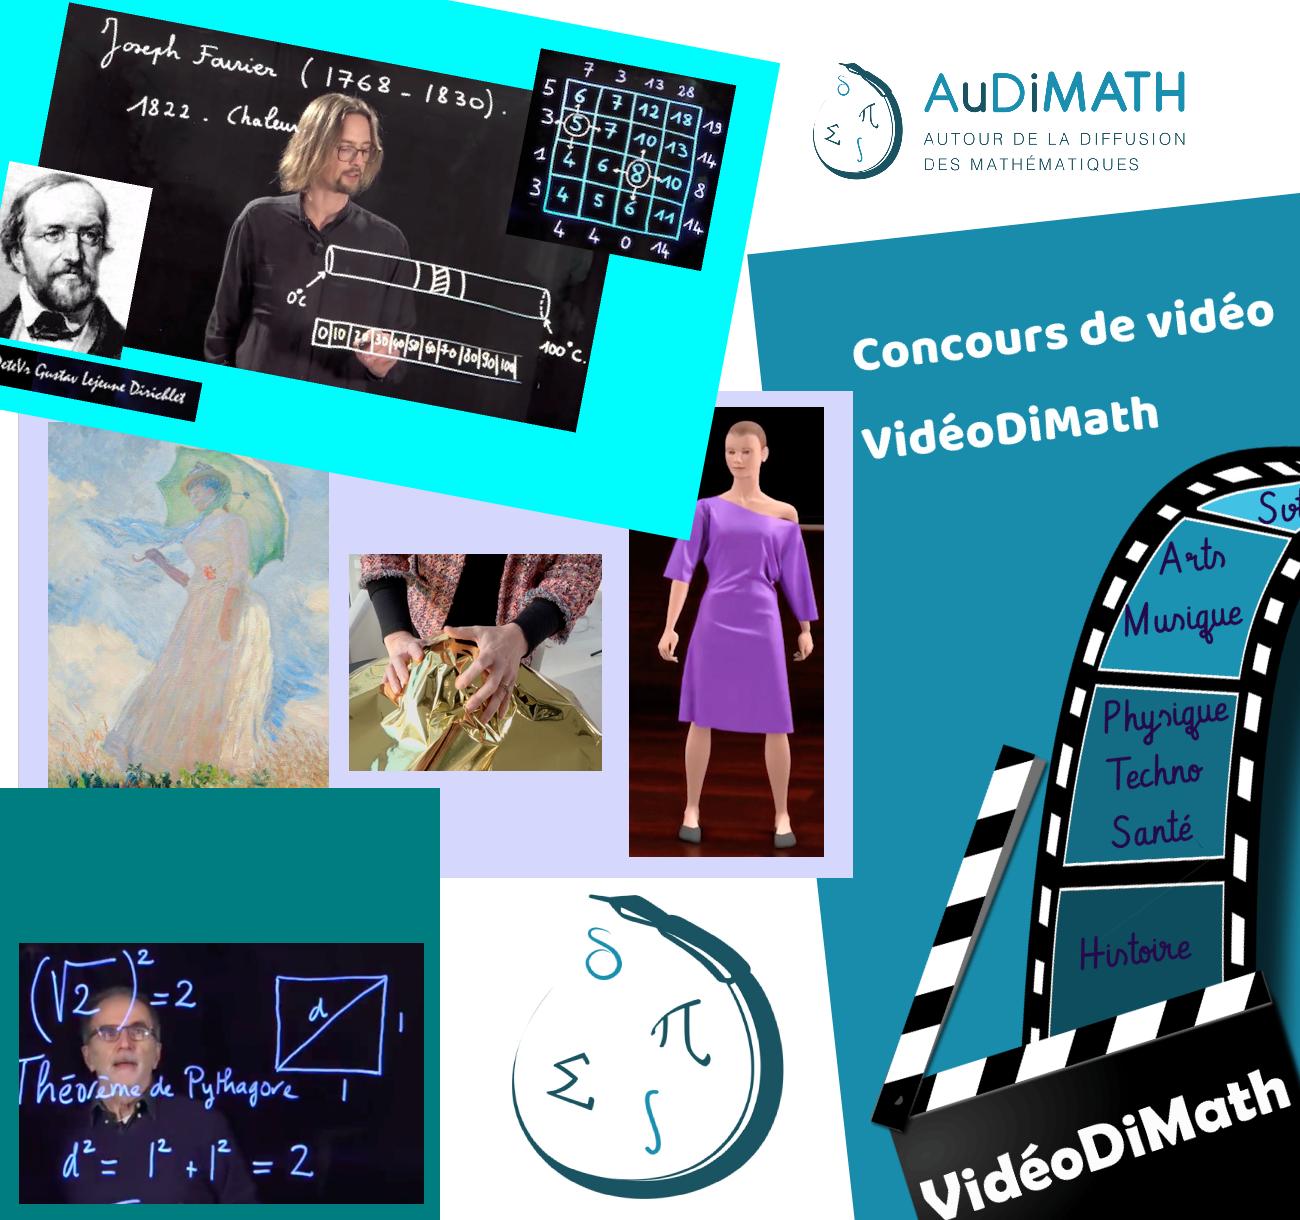 VidéoDiMath